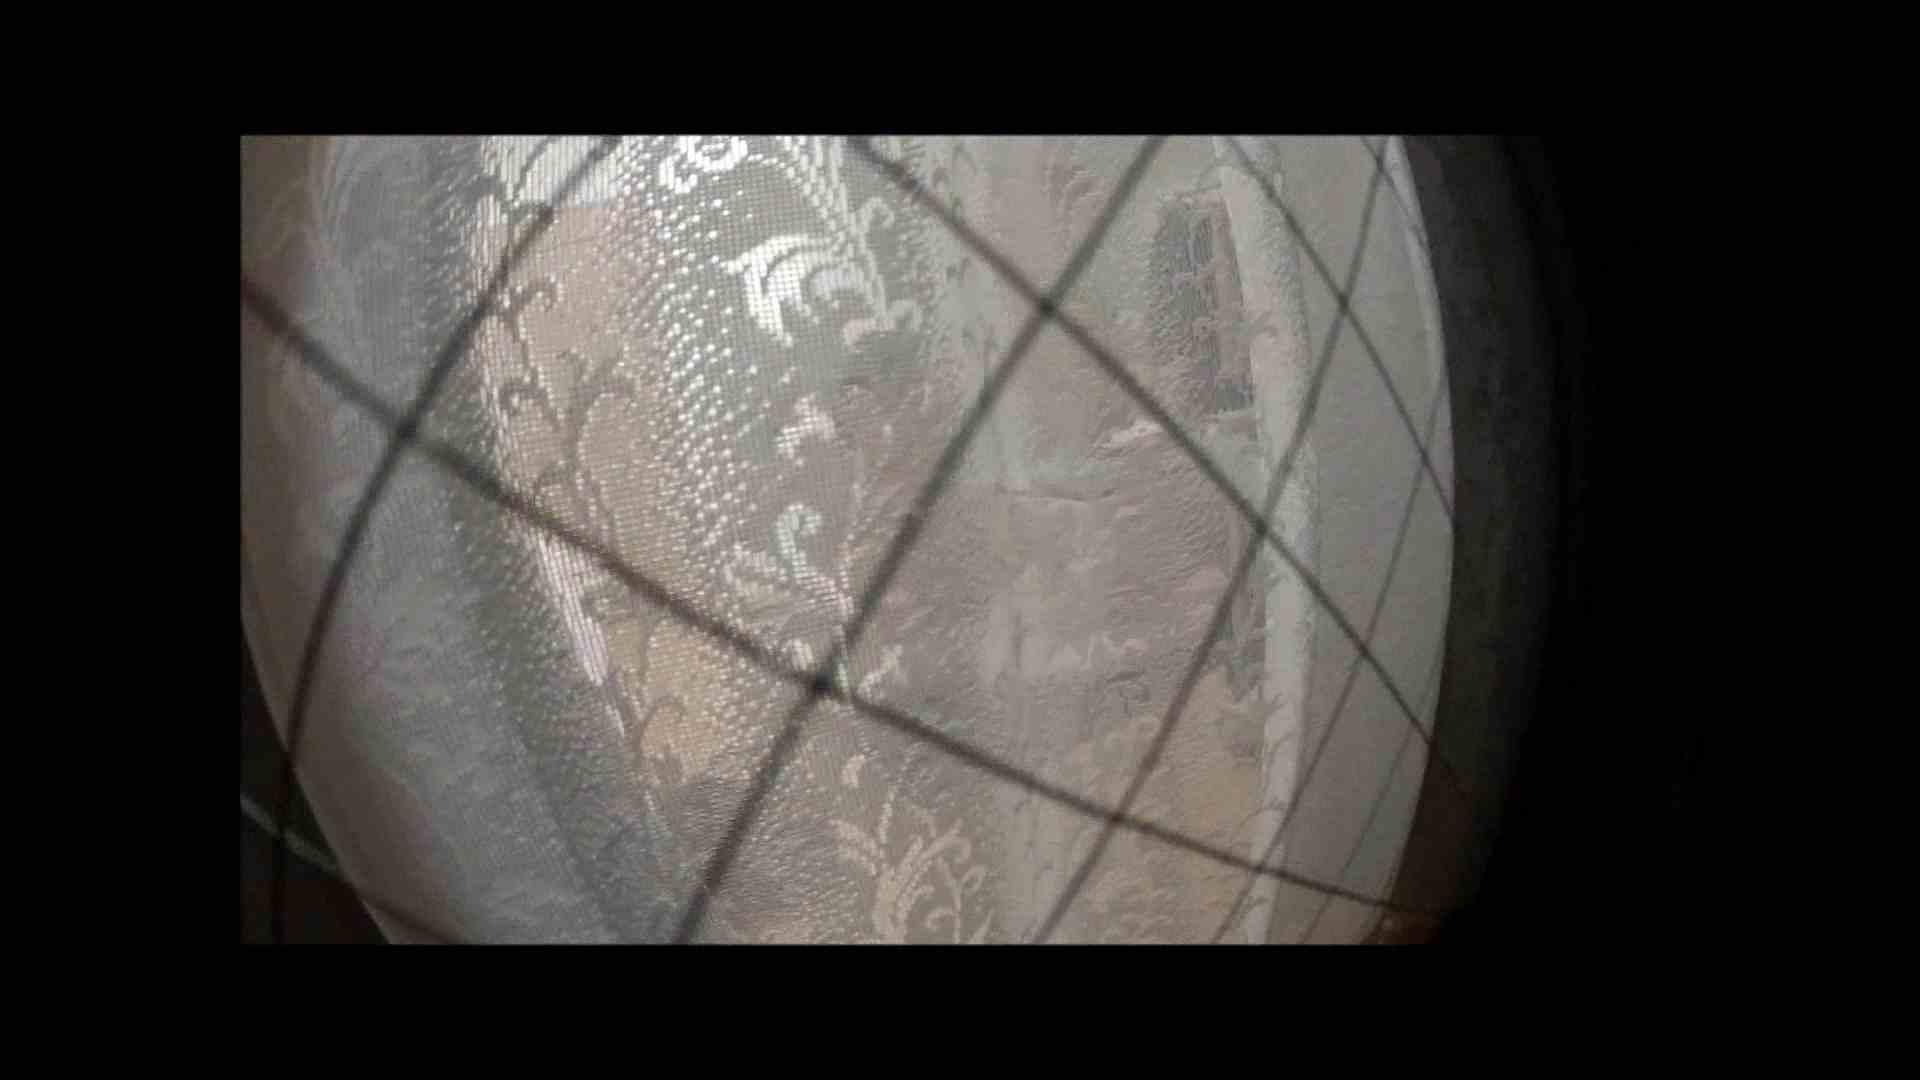 【04】別の日・・・魚眼レンズで広角に撮れました。